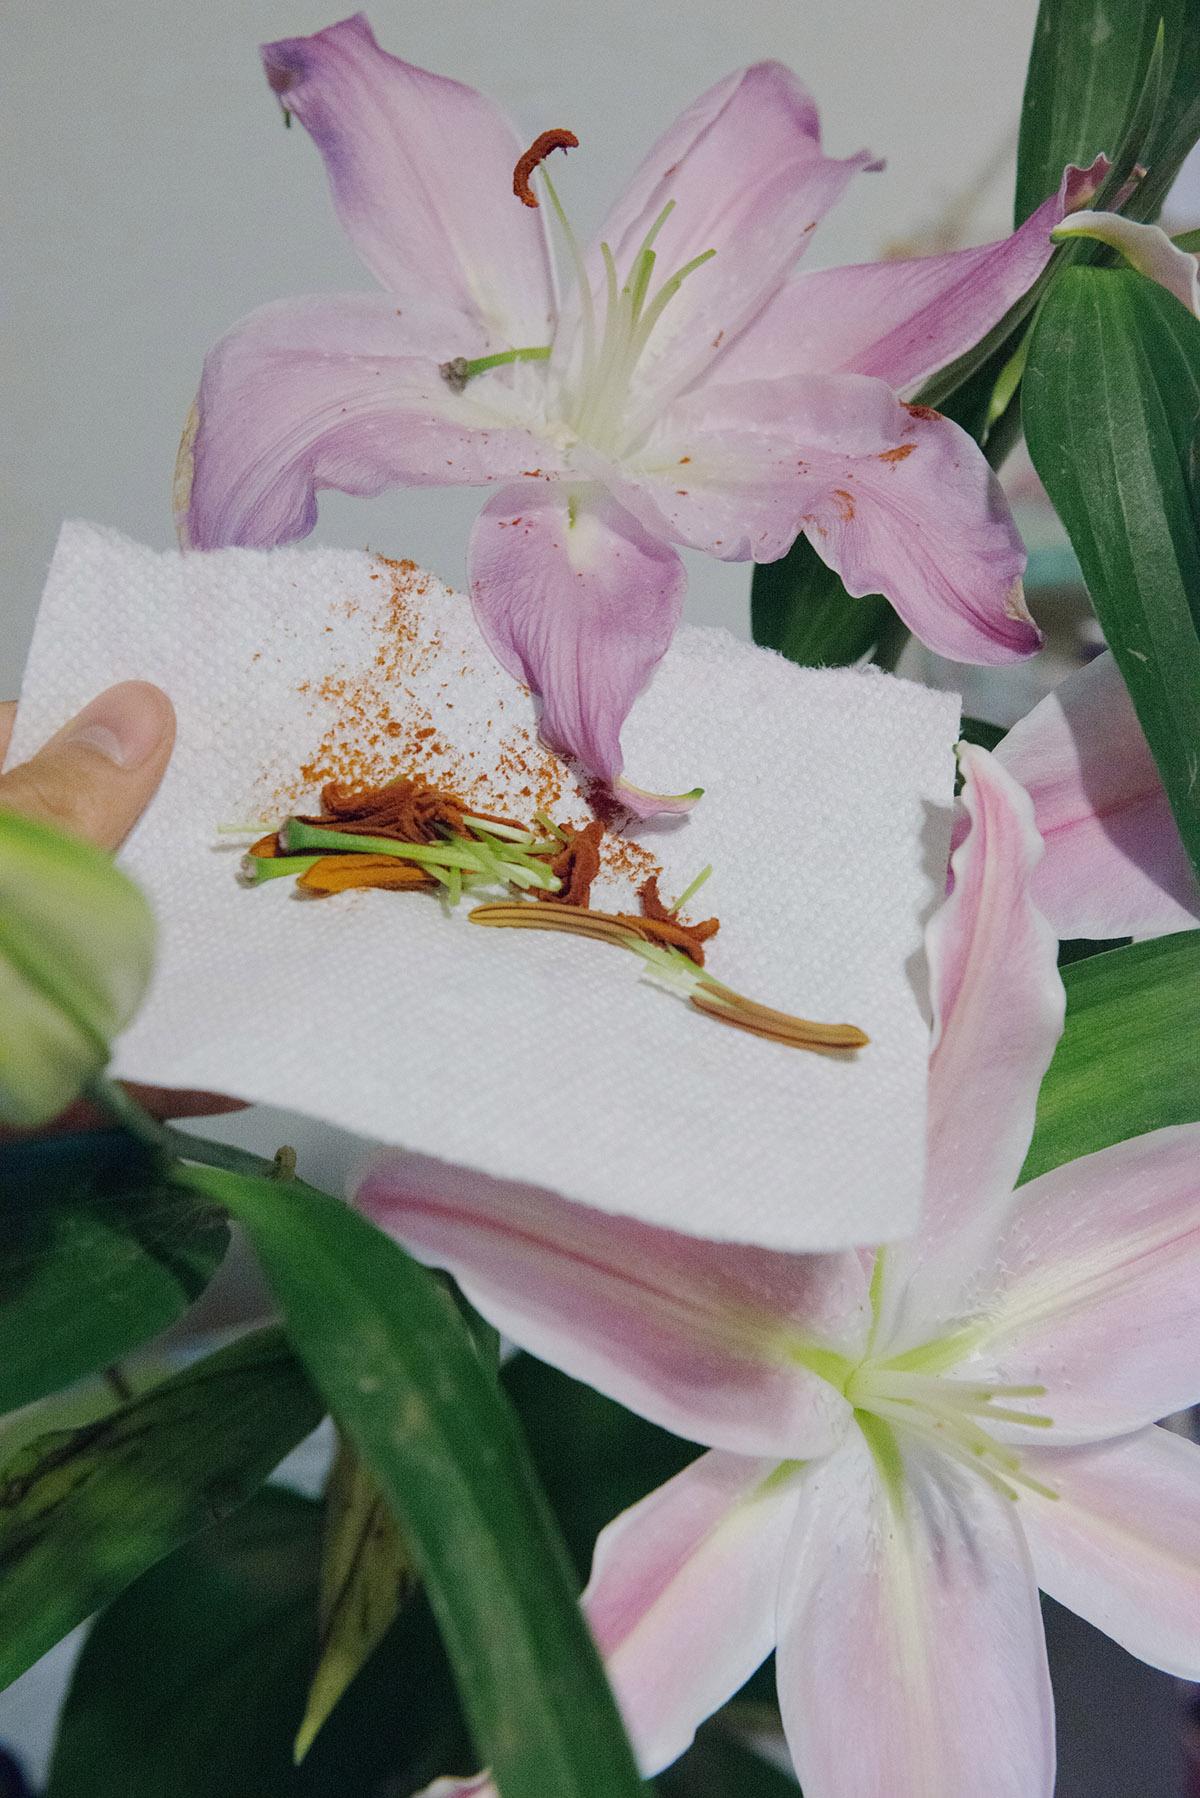 KaiWai Wong Boredom Untitled 01